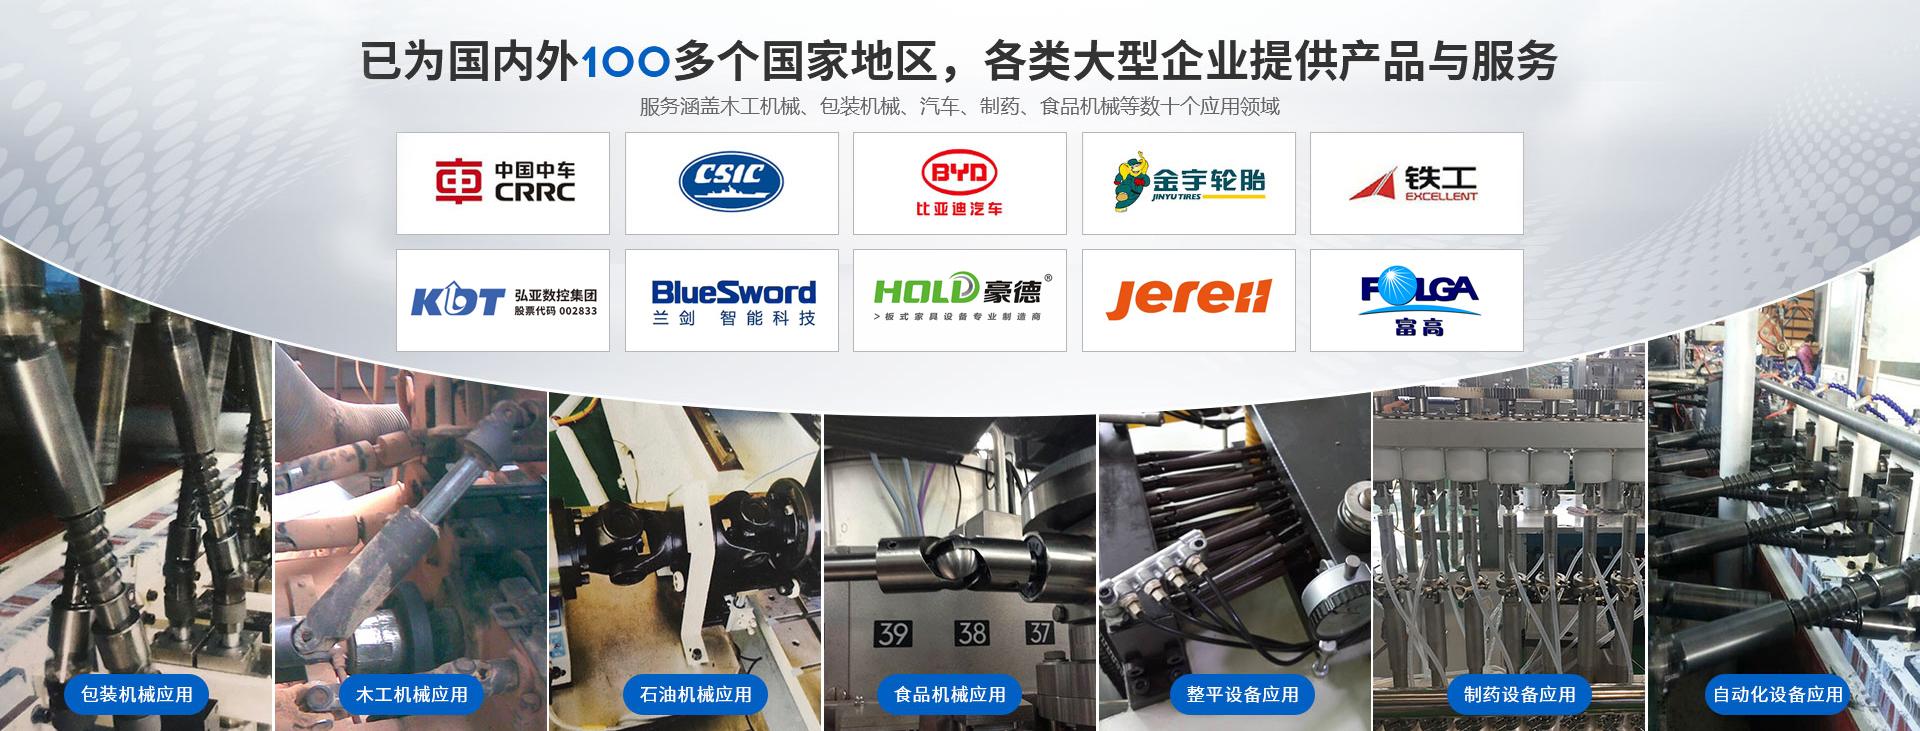 厚哲传动-已为海内外100多个国家大型企业提供产品与服务